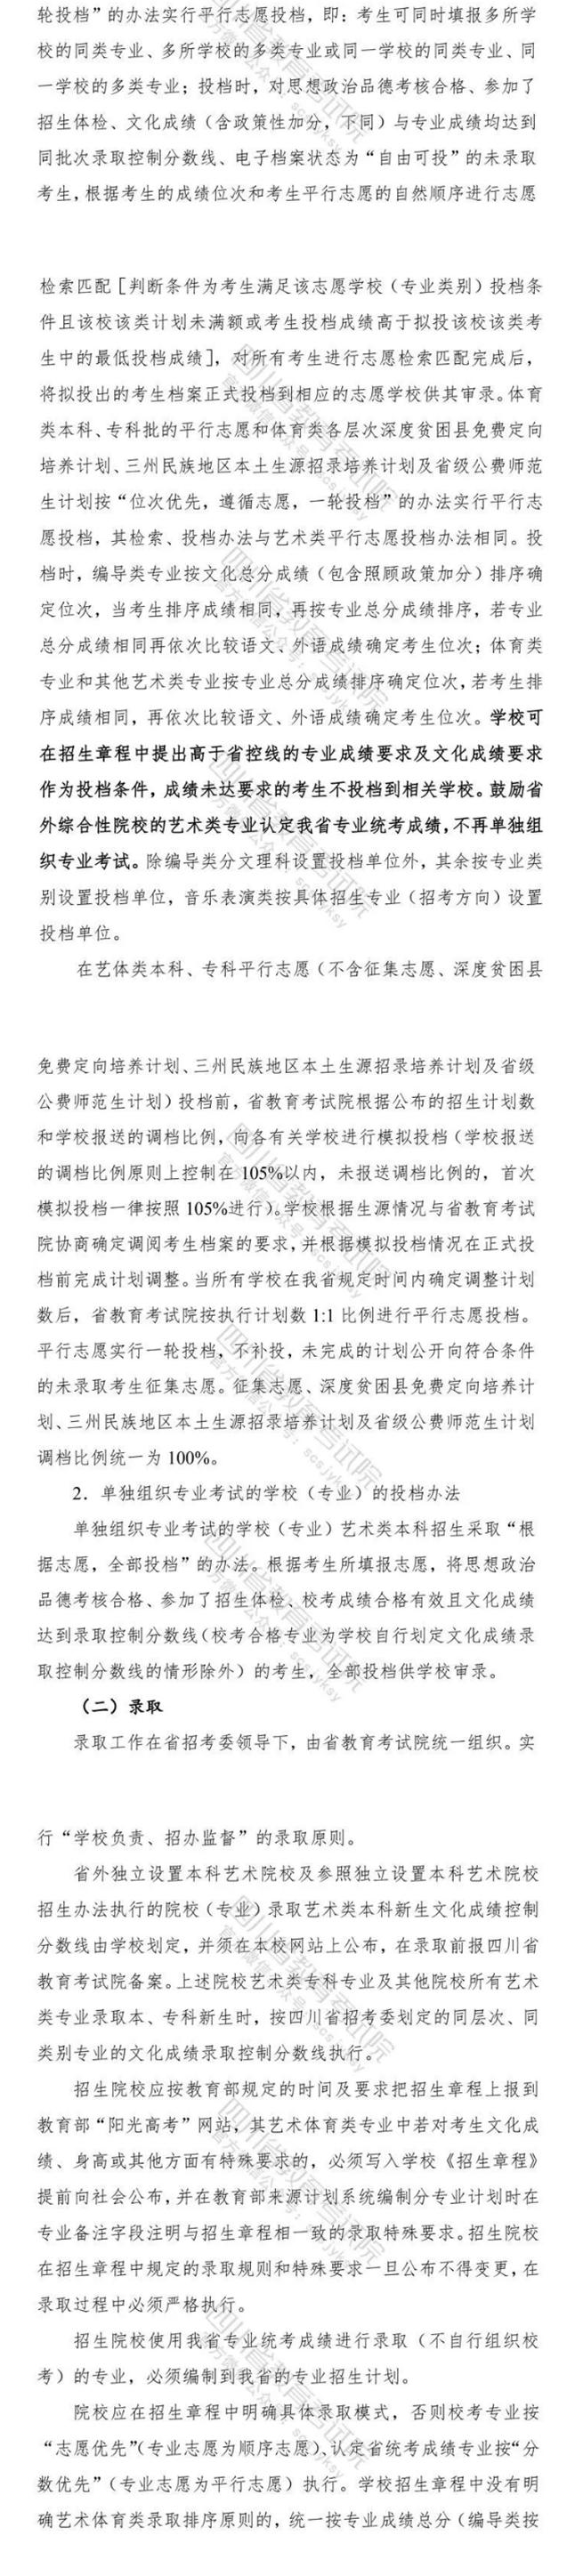 2021年四川普通高等学校艺术体育类专业招生工作实施规定出炉!图3